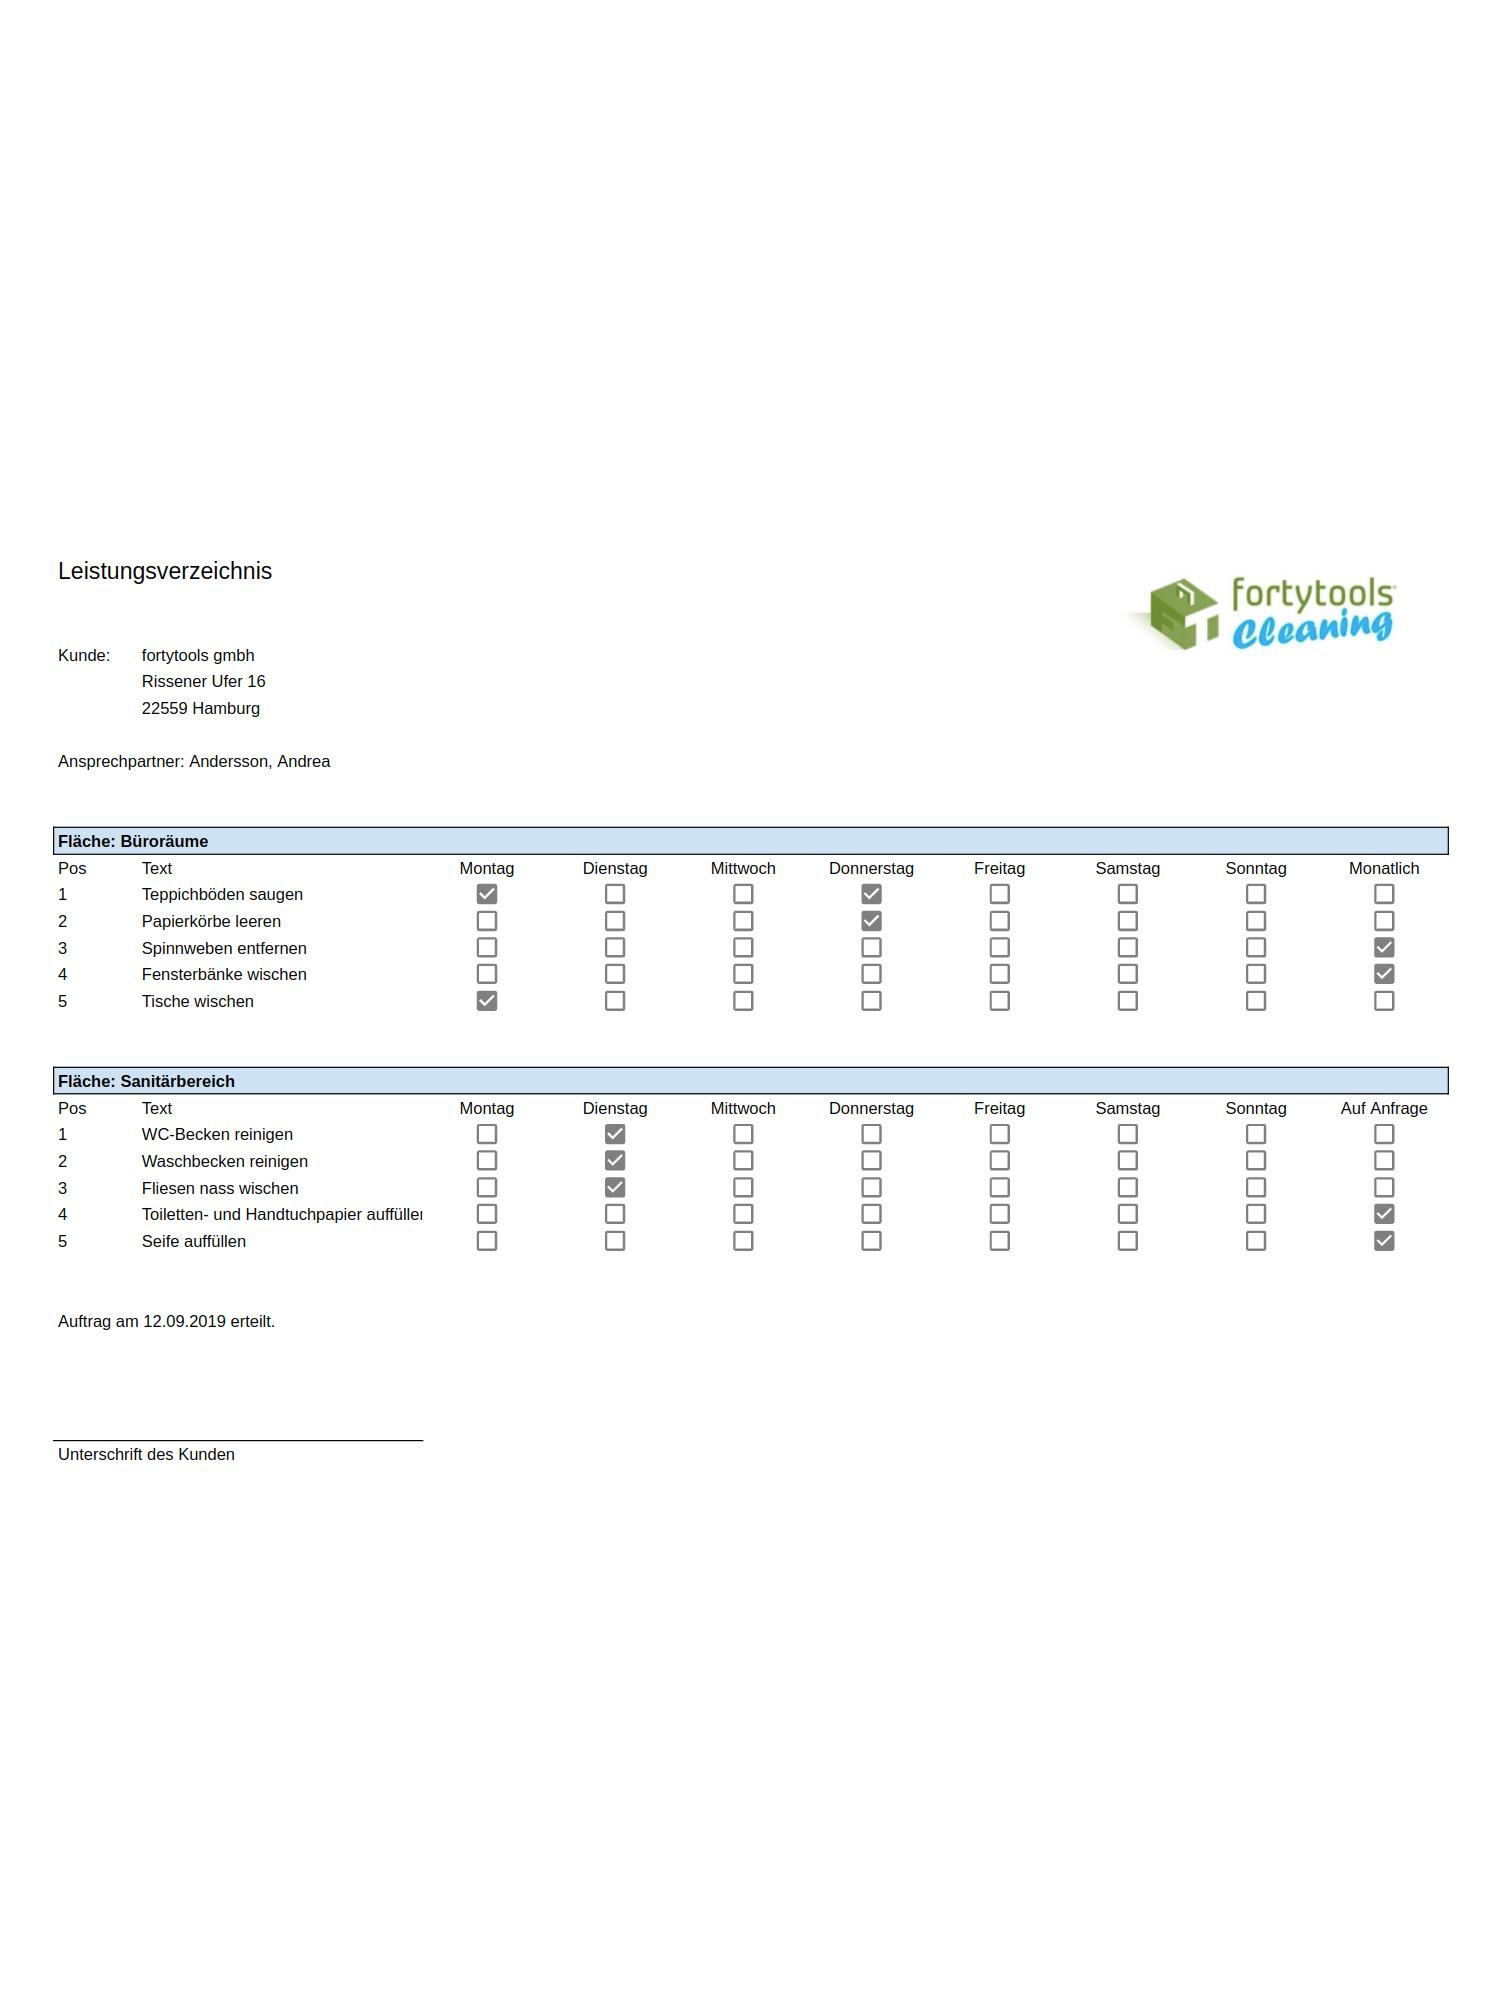 Vorlage Fur Leistungsverzeichnis Und Muster Leistungsverzeichnis Kostenlos